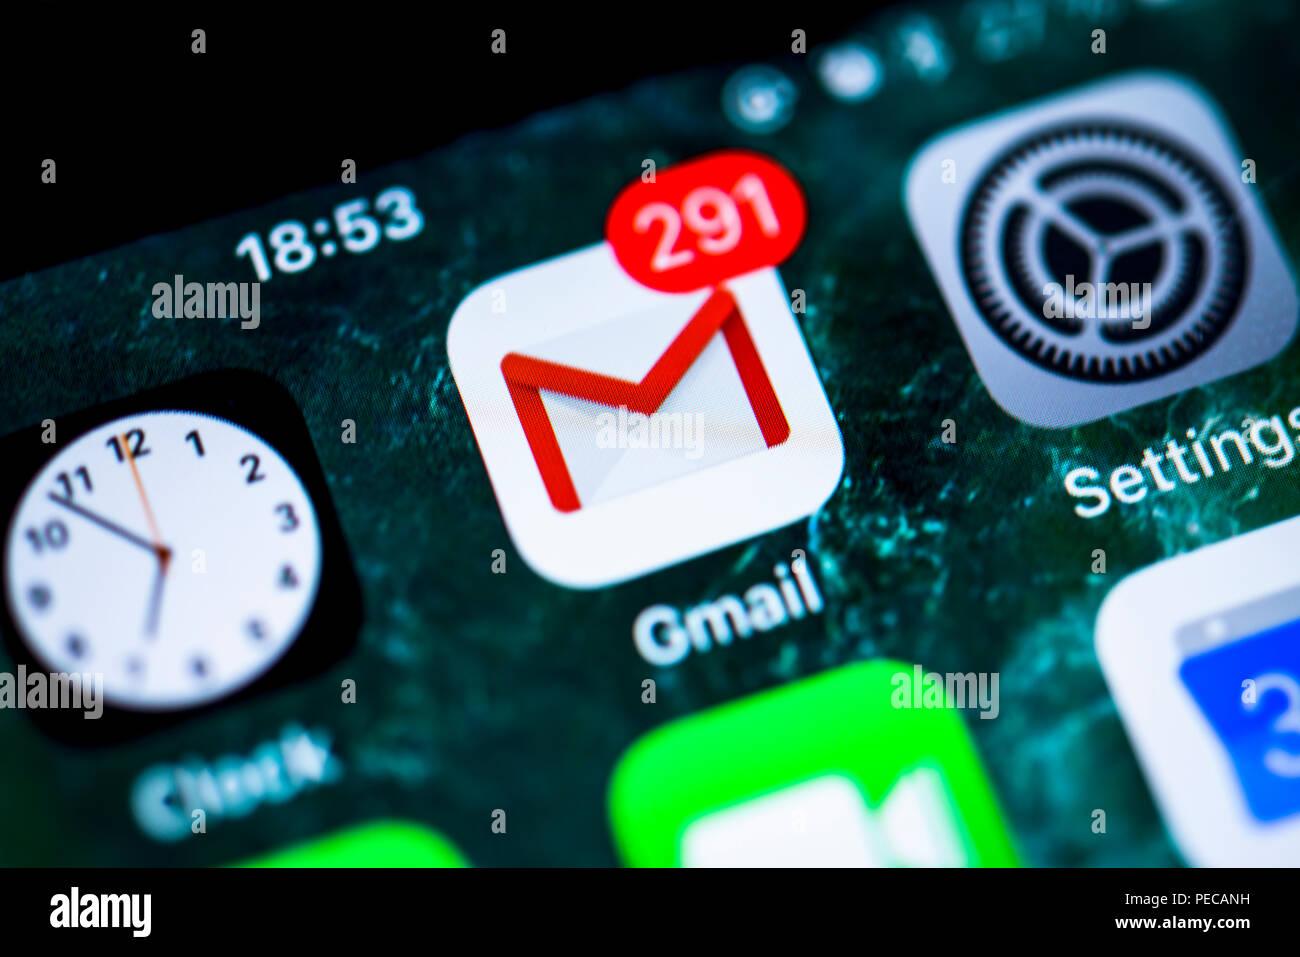 Gmail di Google, il servizio di posta elettronica, l'icona app su iPhone, iOS, lo schermo dello smartphone, display close-up, dettaglio, Germania Immagini Stock